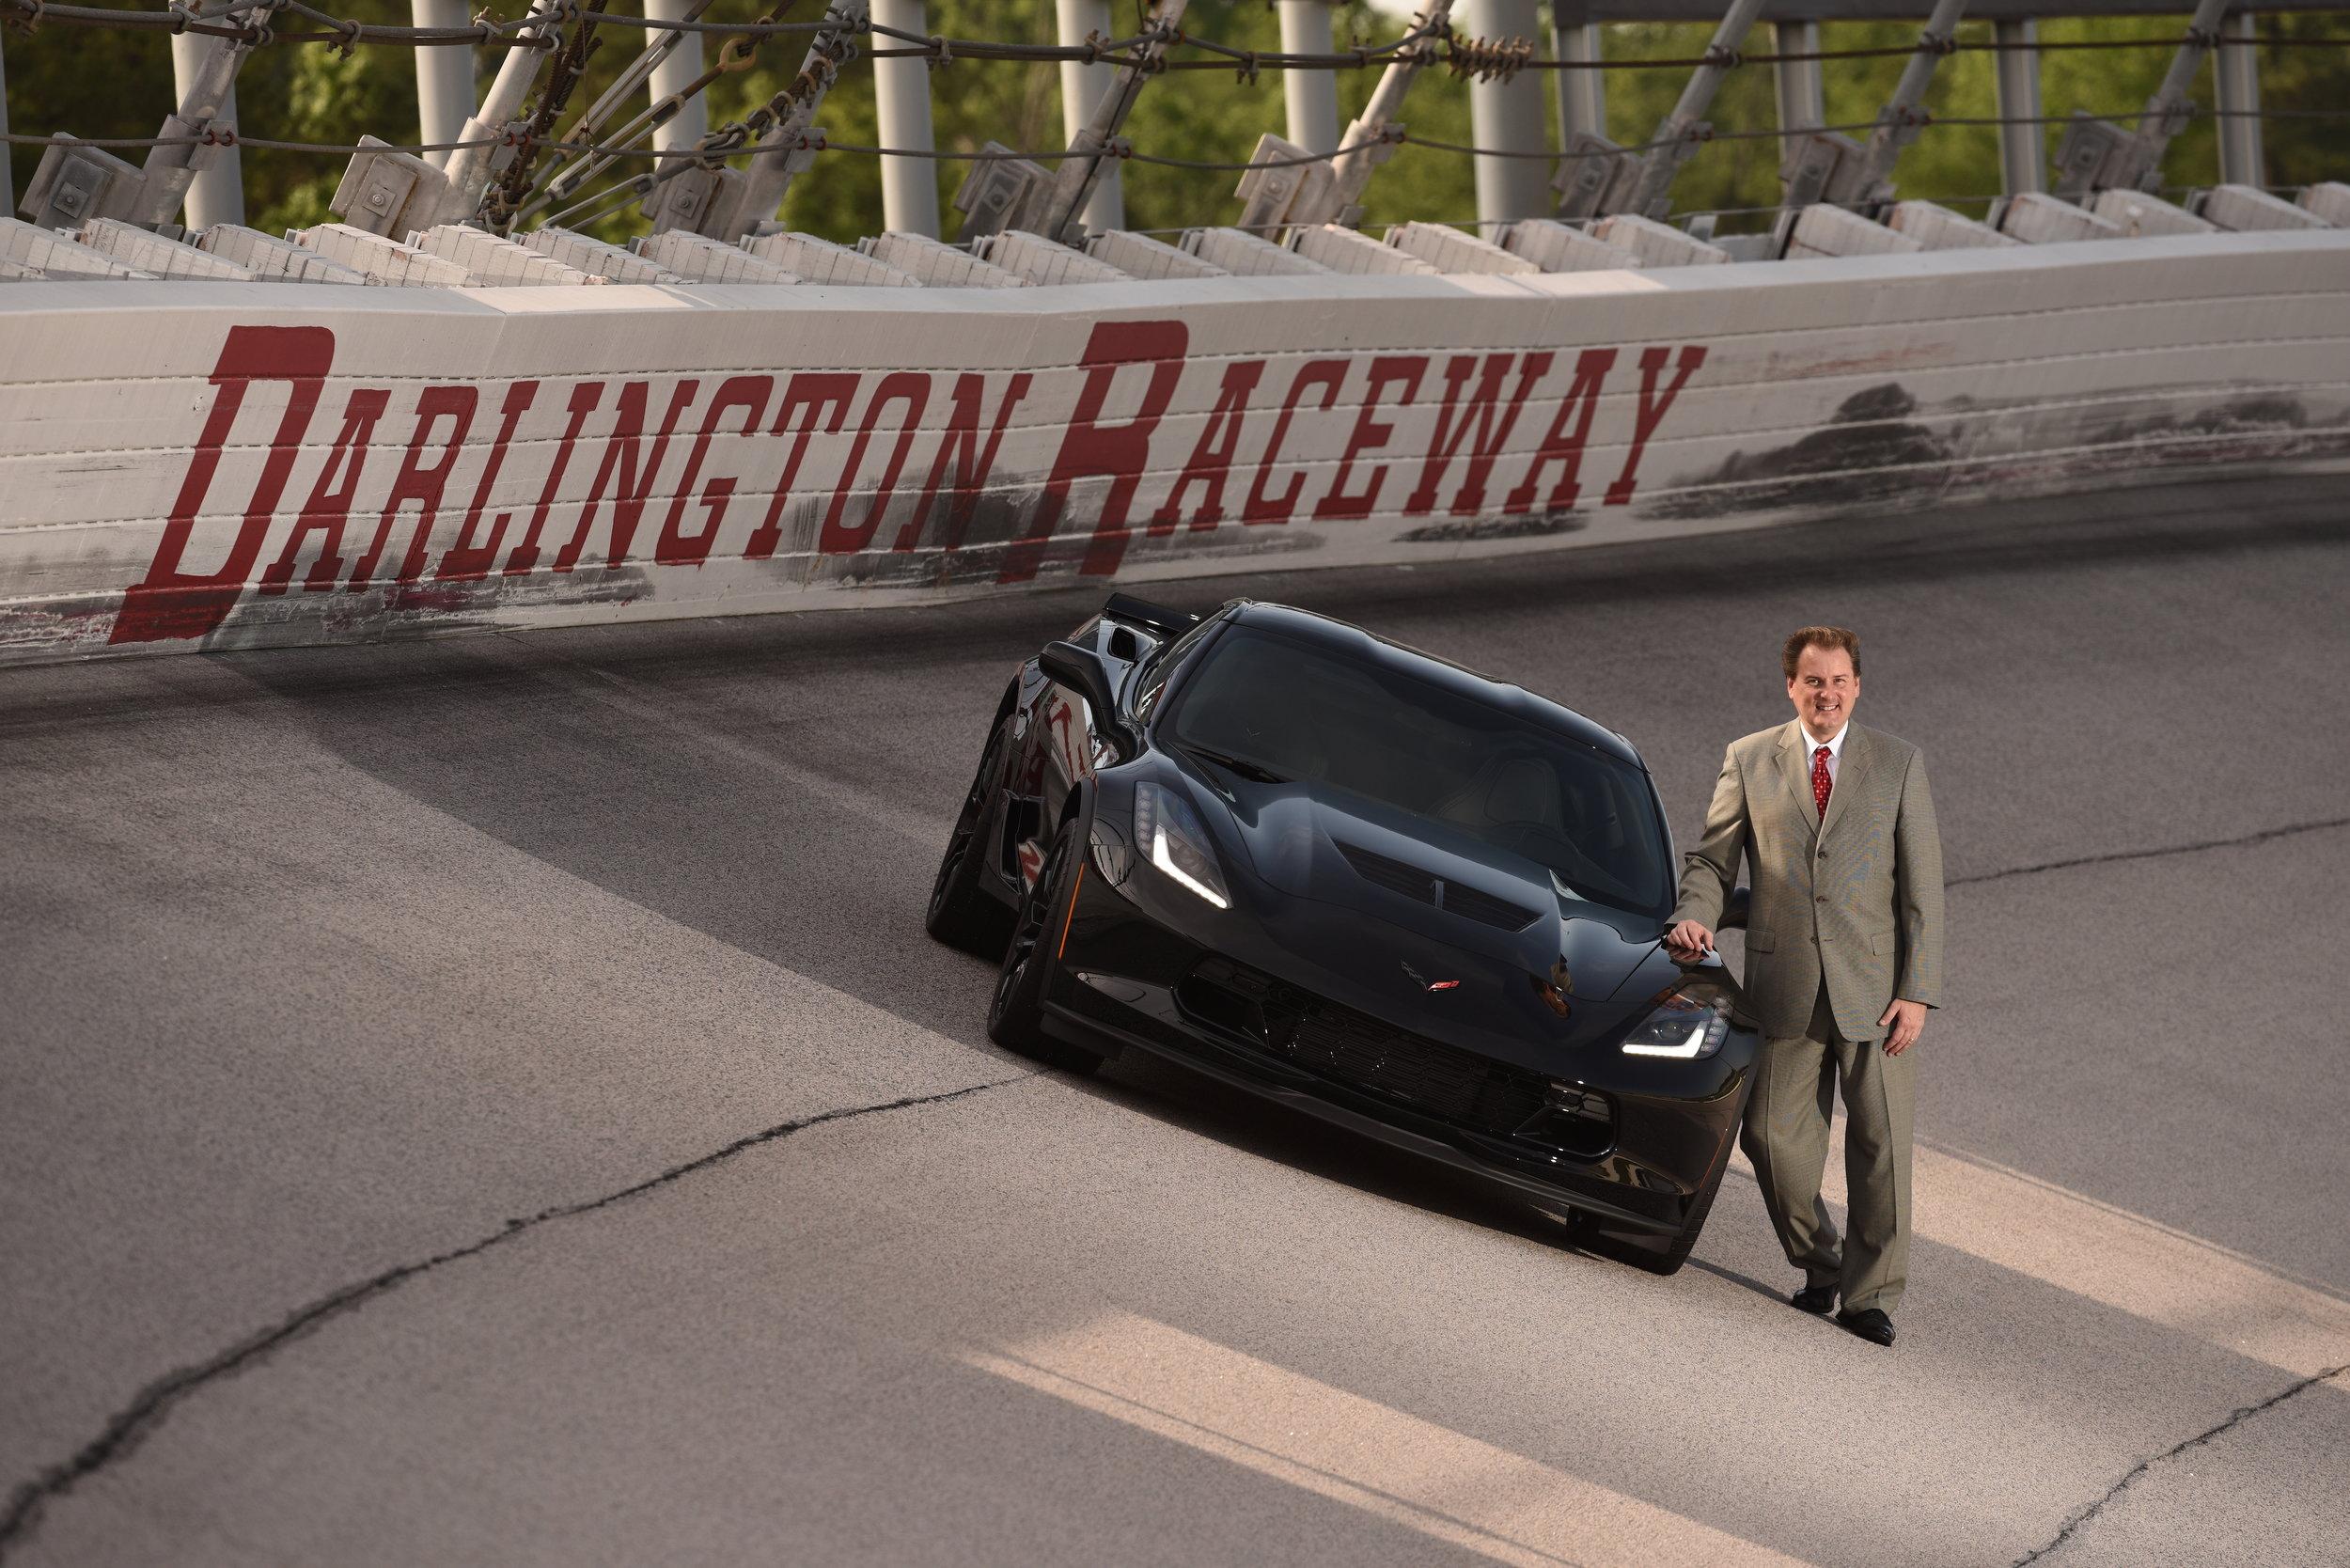 racewayautoofhartsville.com